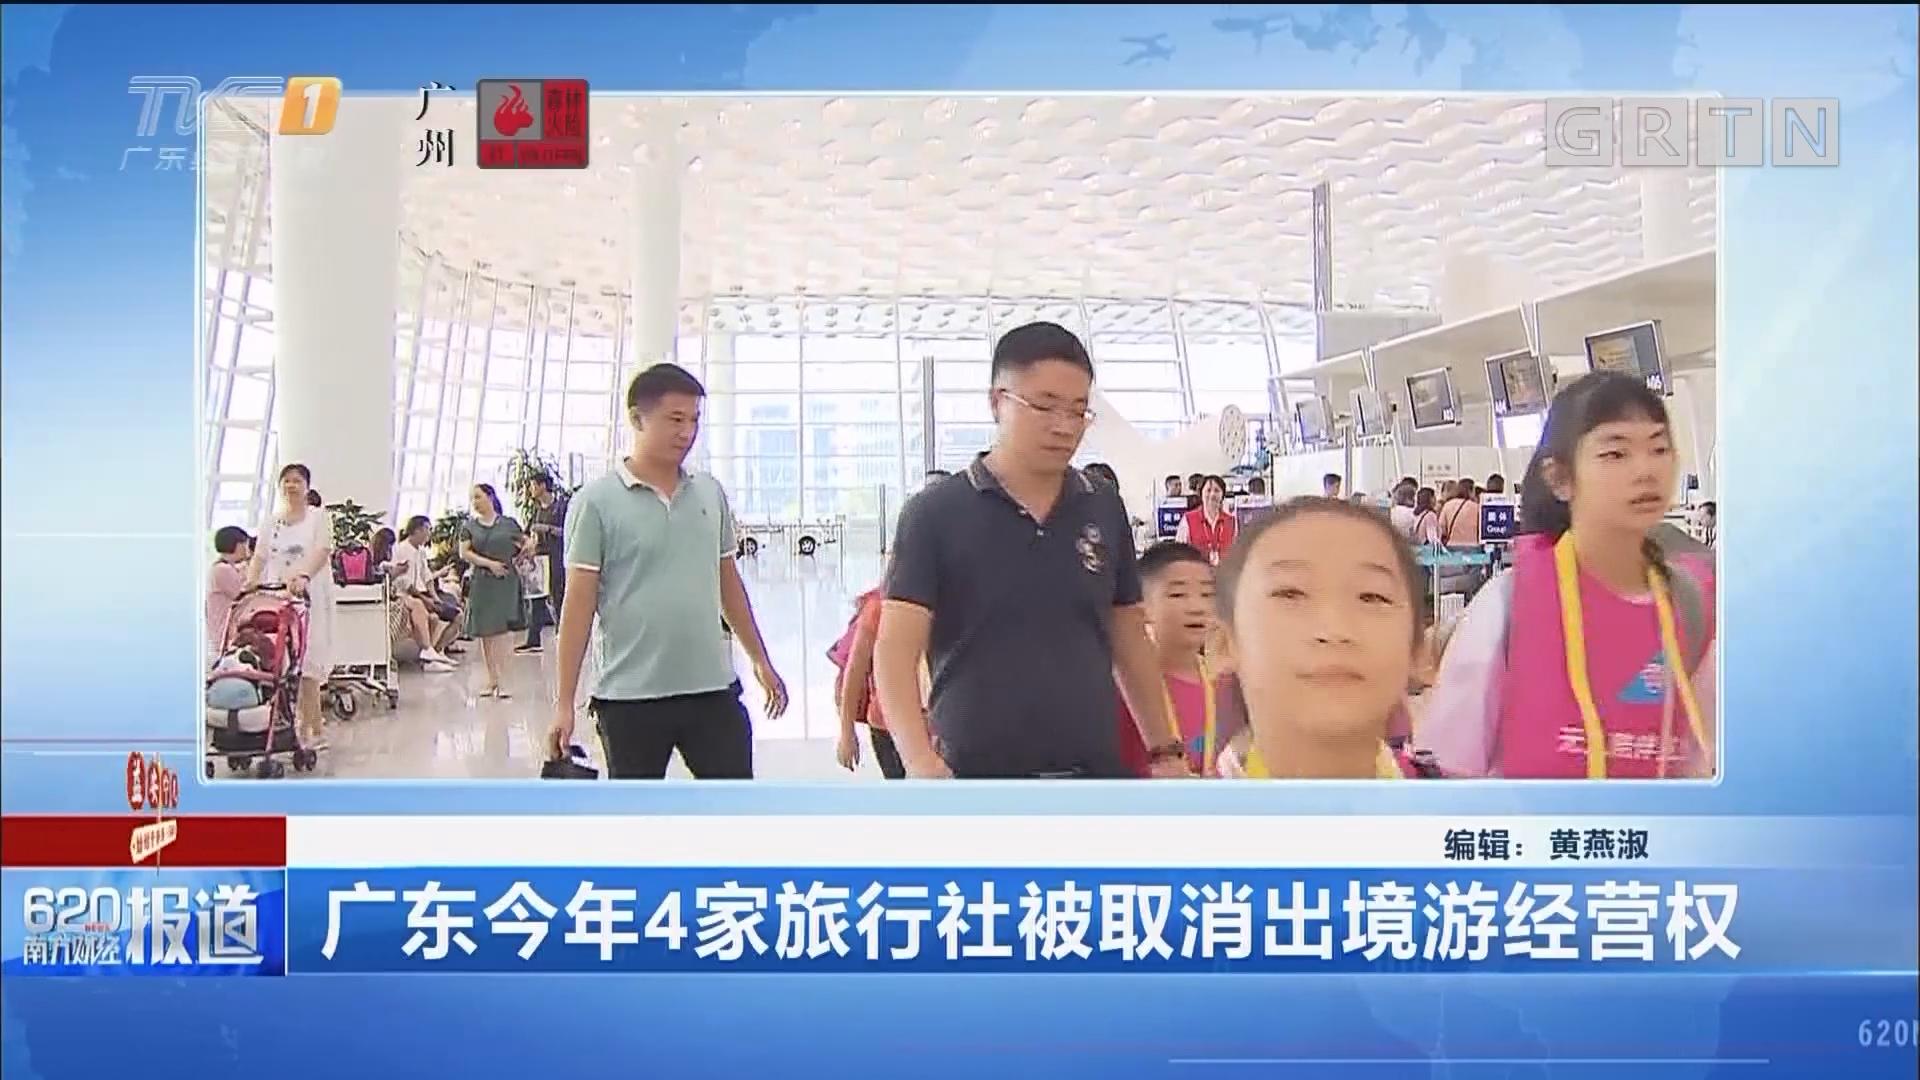 广东今年4家旅行社被取消出境游经营权